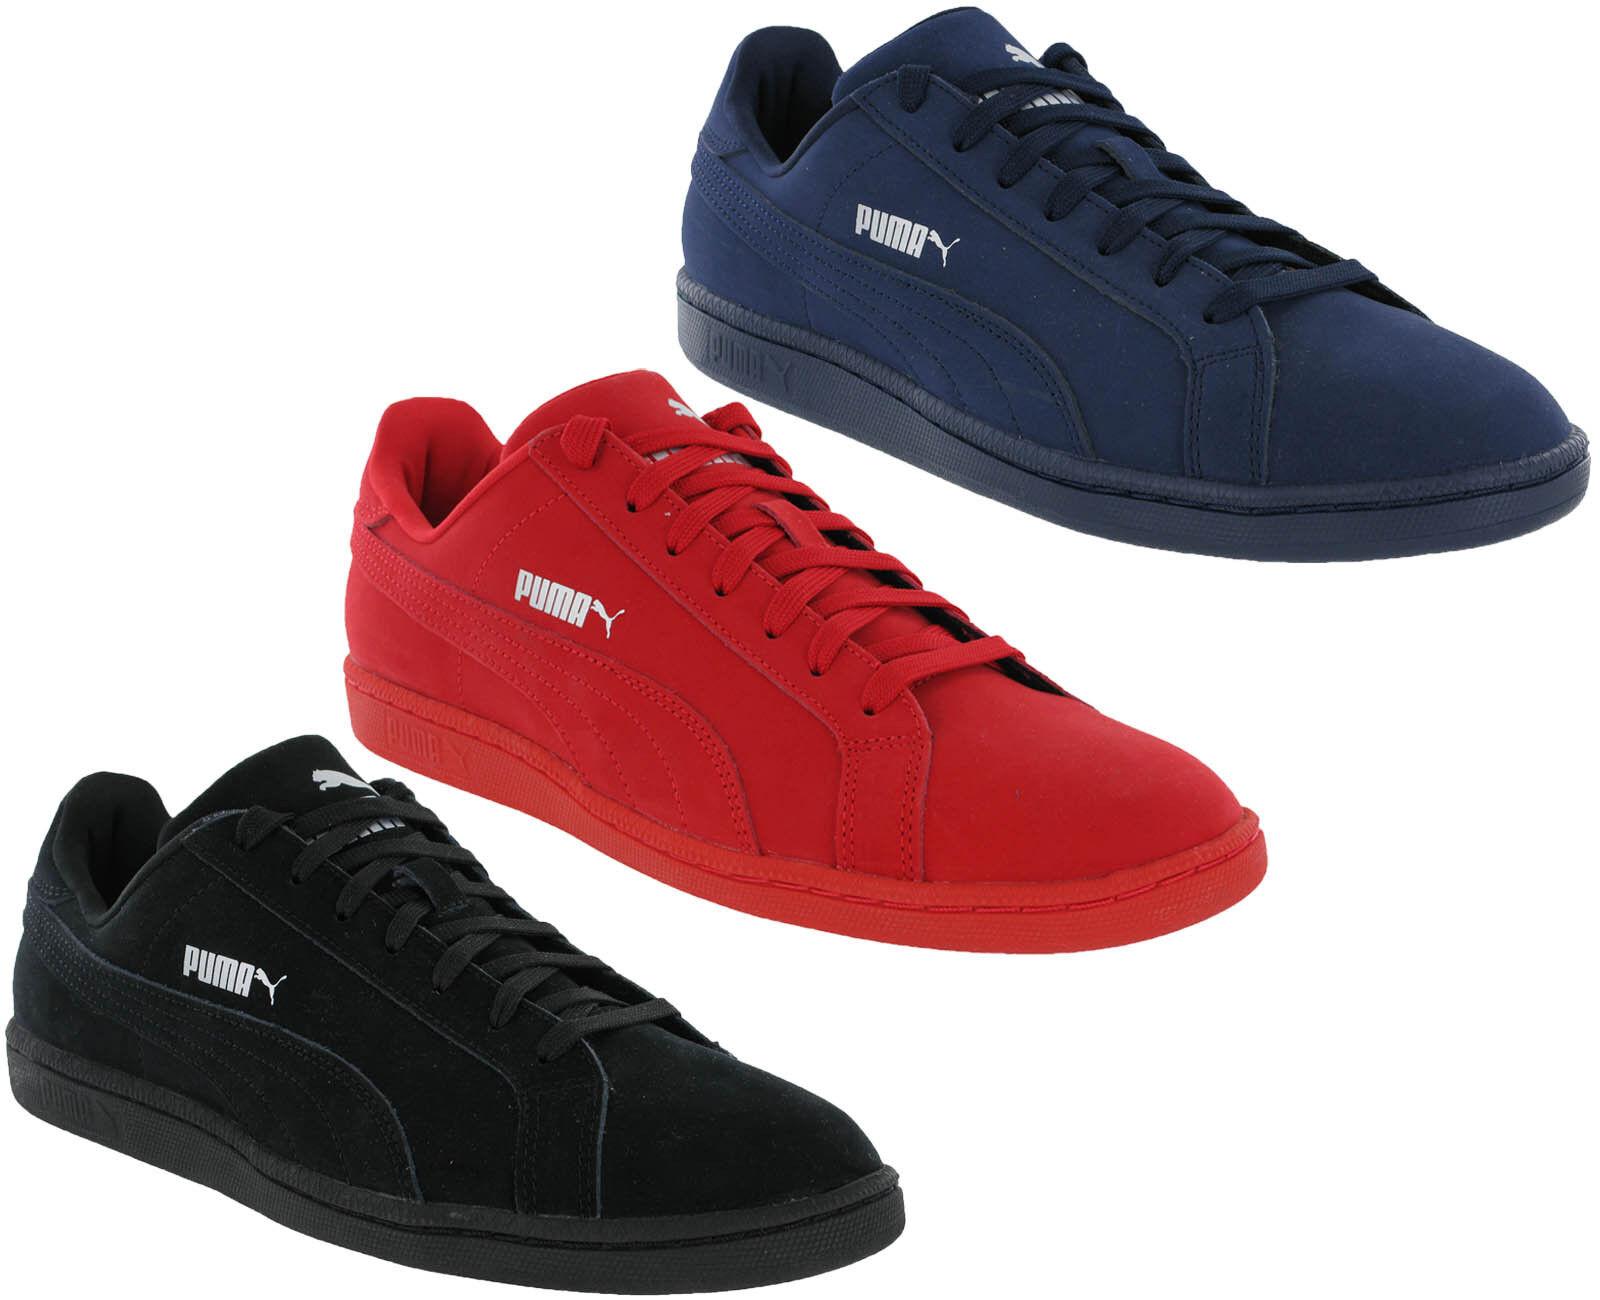 Puma Clásico Zapatillas Smash Buck Mono Cordón de Cuero Negro, Rojo, Marina Para Hombre